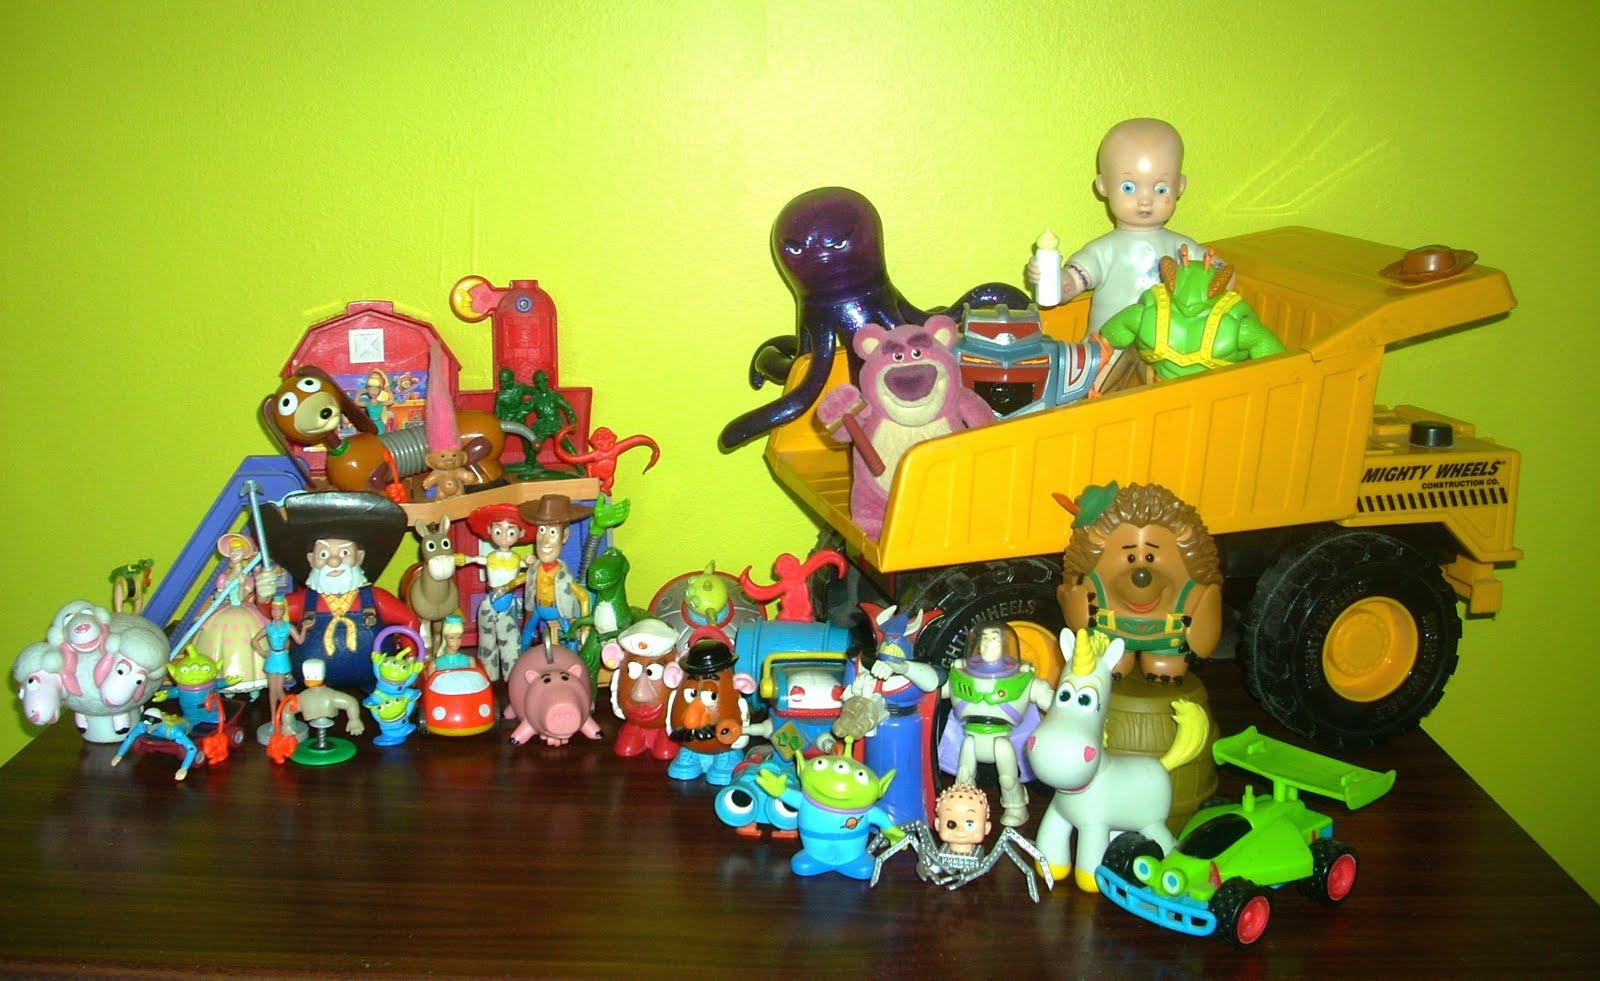 Coleccion Disney  Colección Toy story 3996befe5de